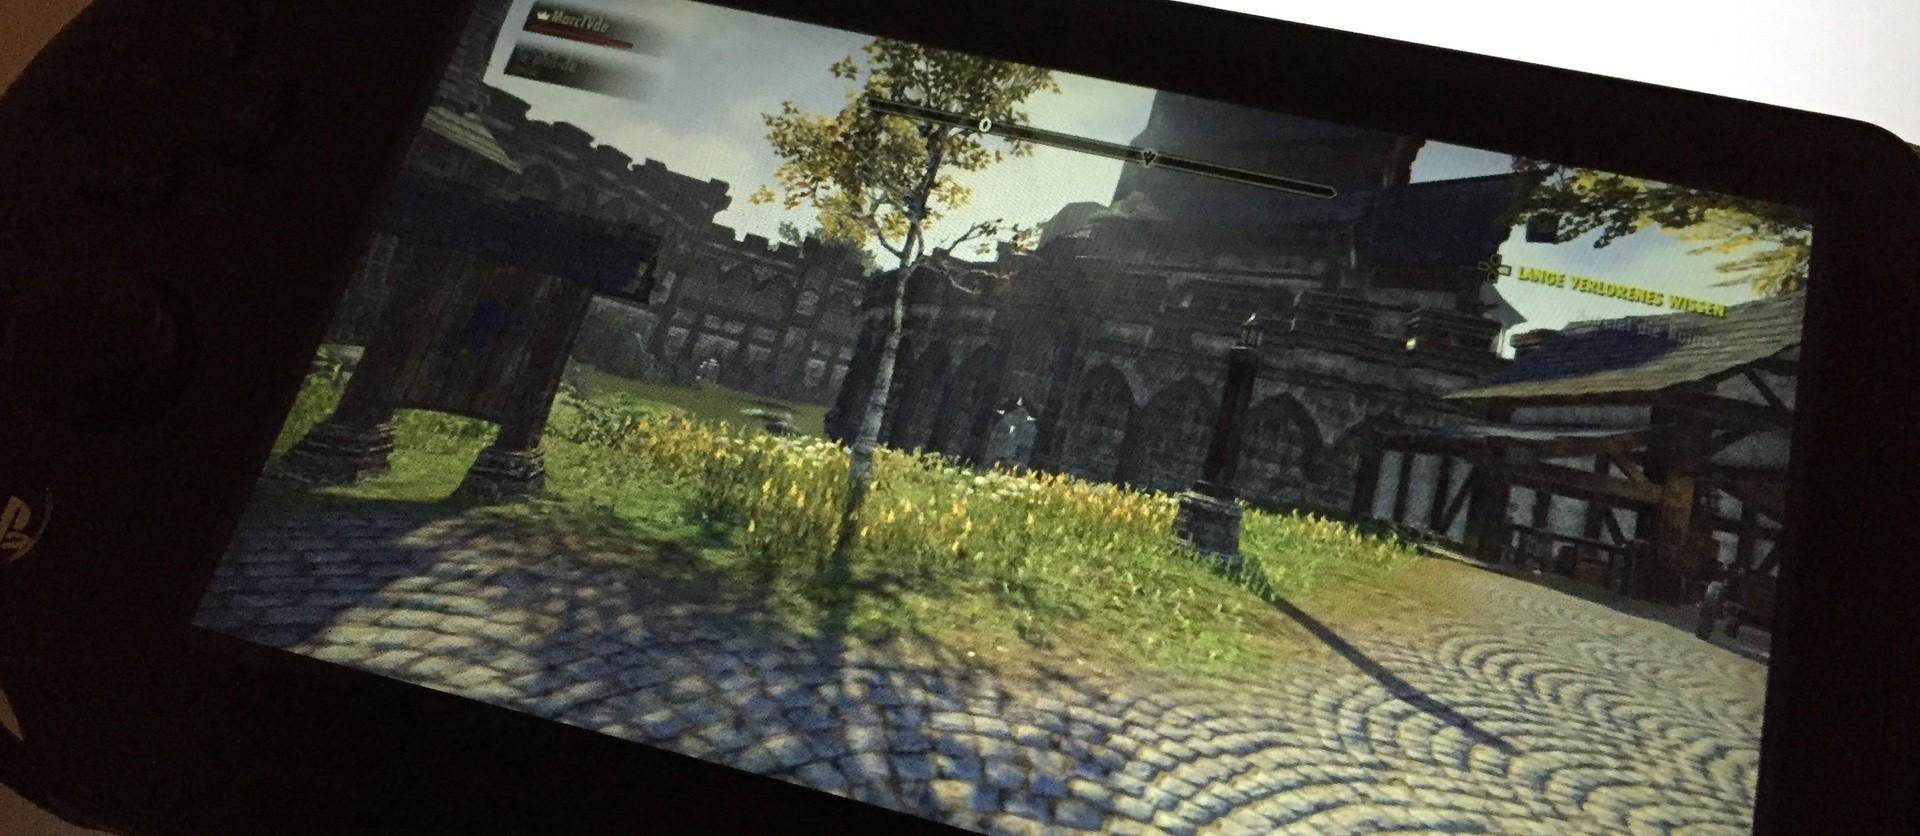 The Elder Scrolls Online auf der PS Vita